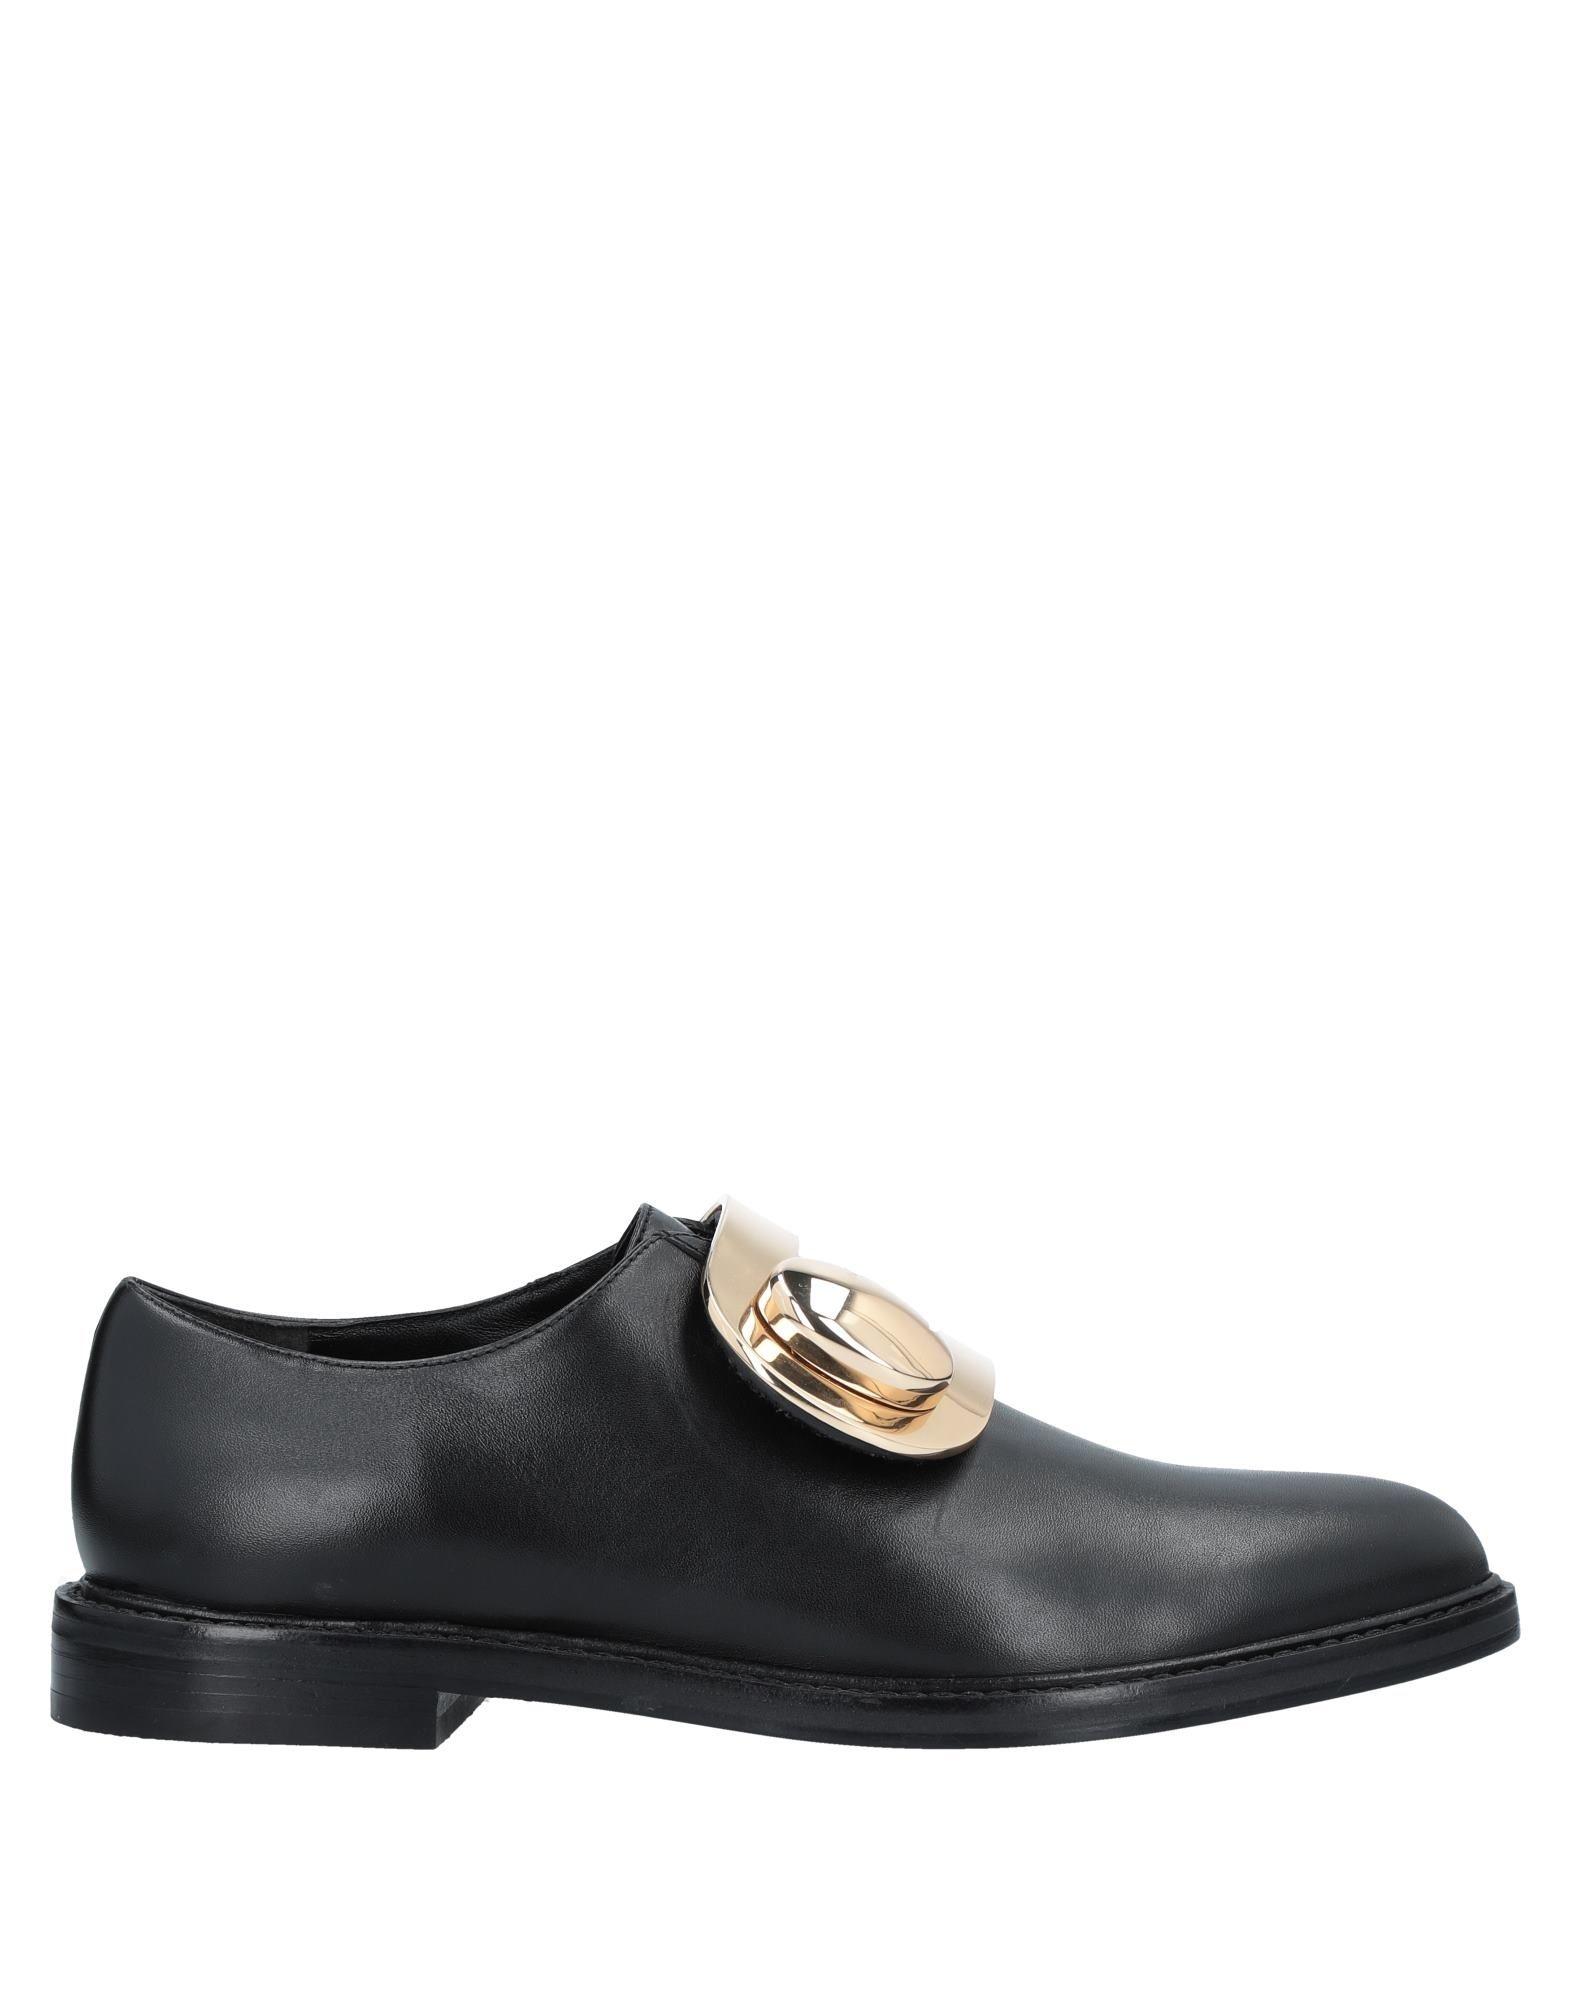 Stella Luna Mokassins Damen  11539326SWGünstige gut aussehende Schuhe